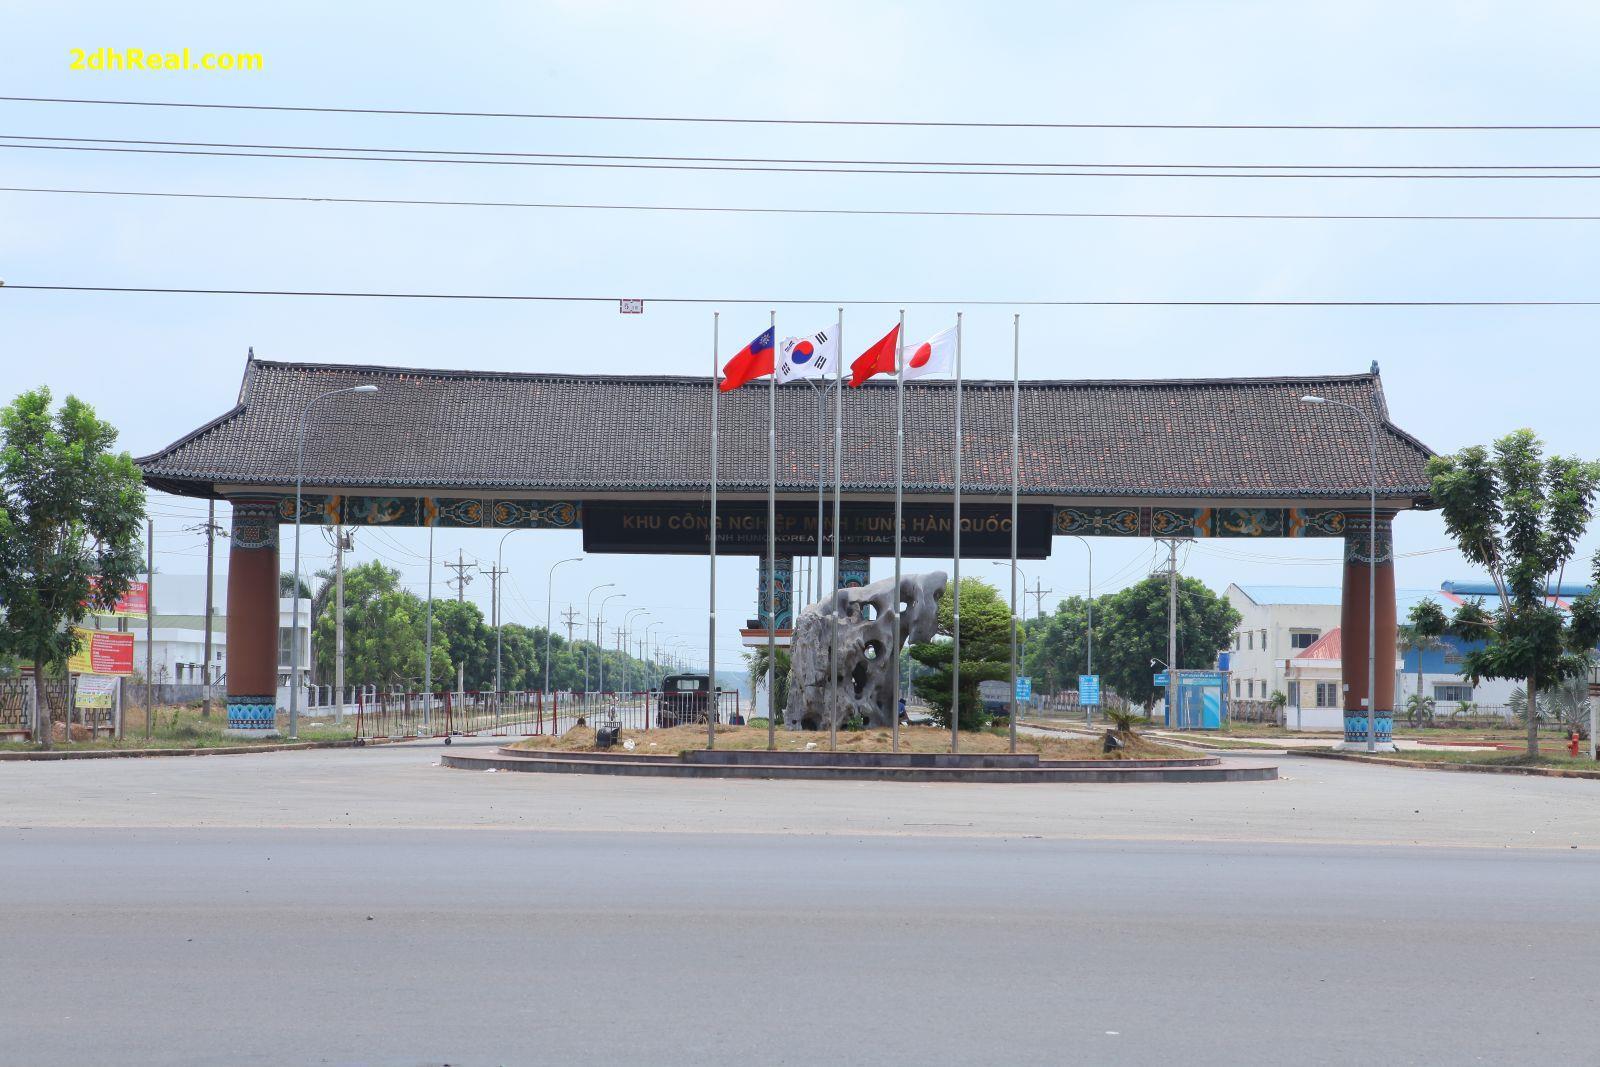 Bán dự án Khu công nghiệp 400 hecta xã Lộc Tấn – xã Lộc Thạnh, huyện Lộc Ninh, tỉnh Bình Phước.